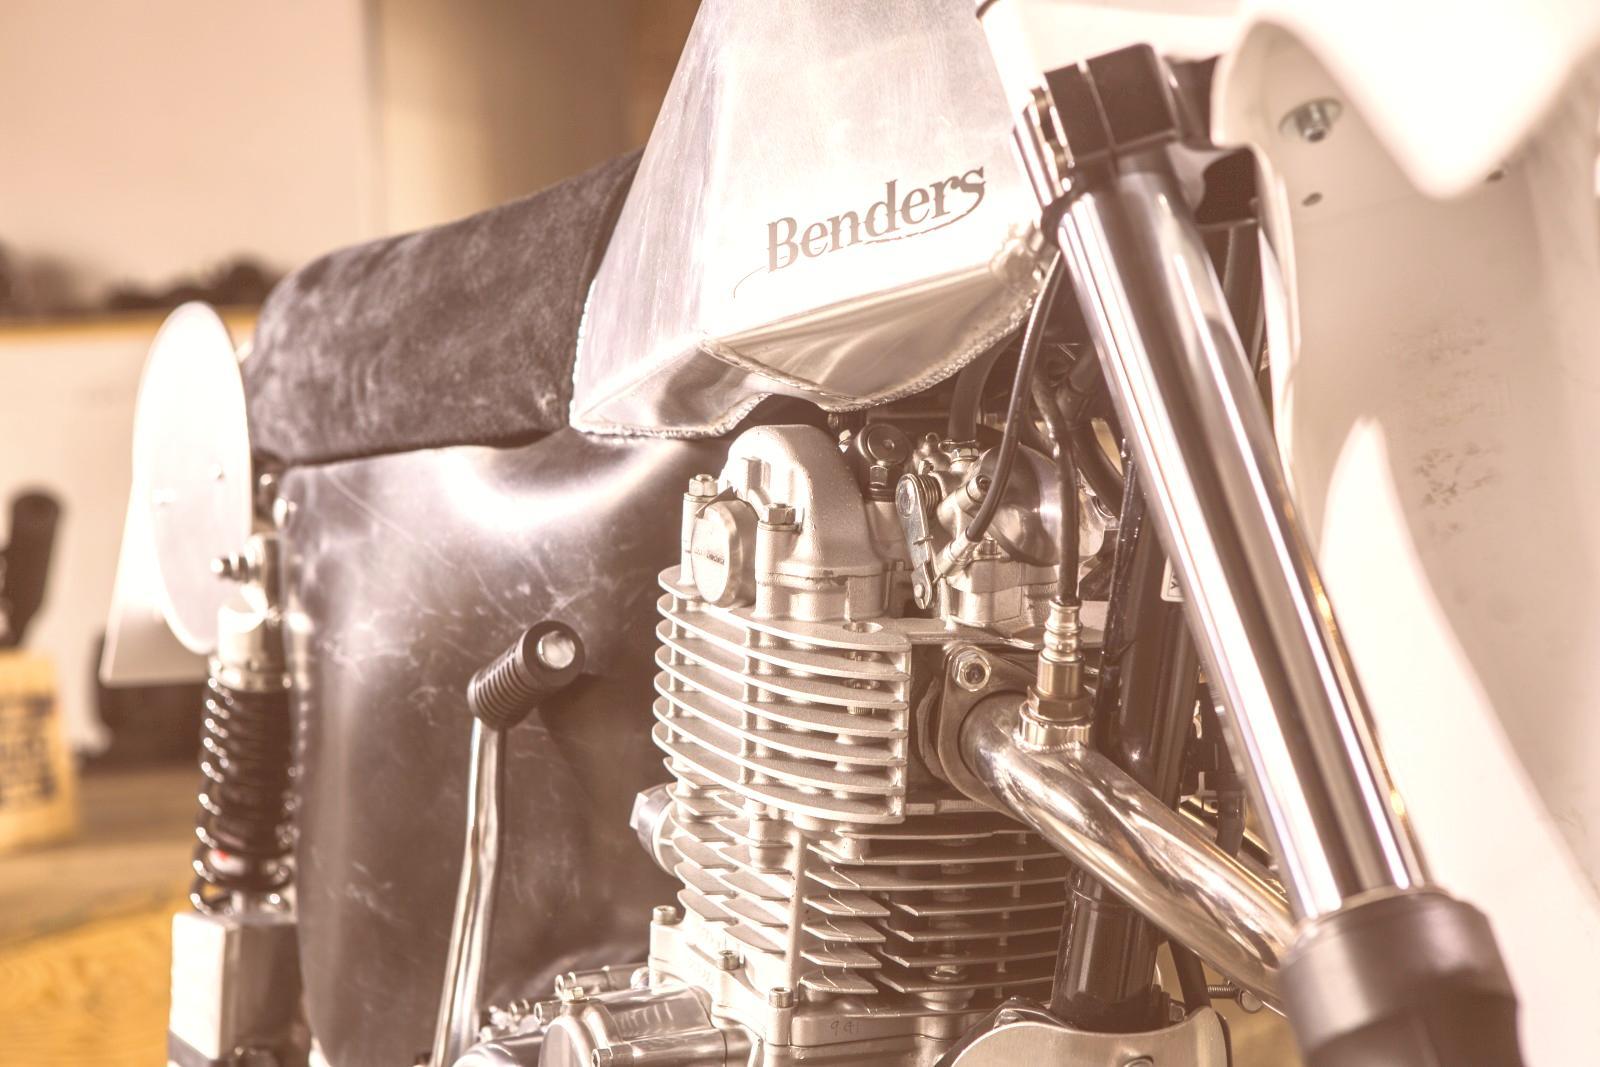 Benders Company - Die Leistungen